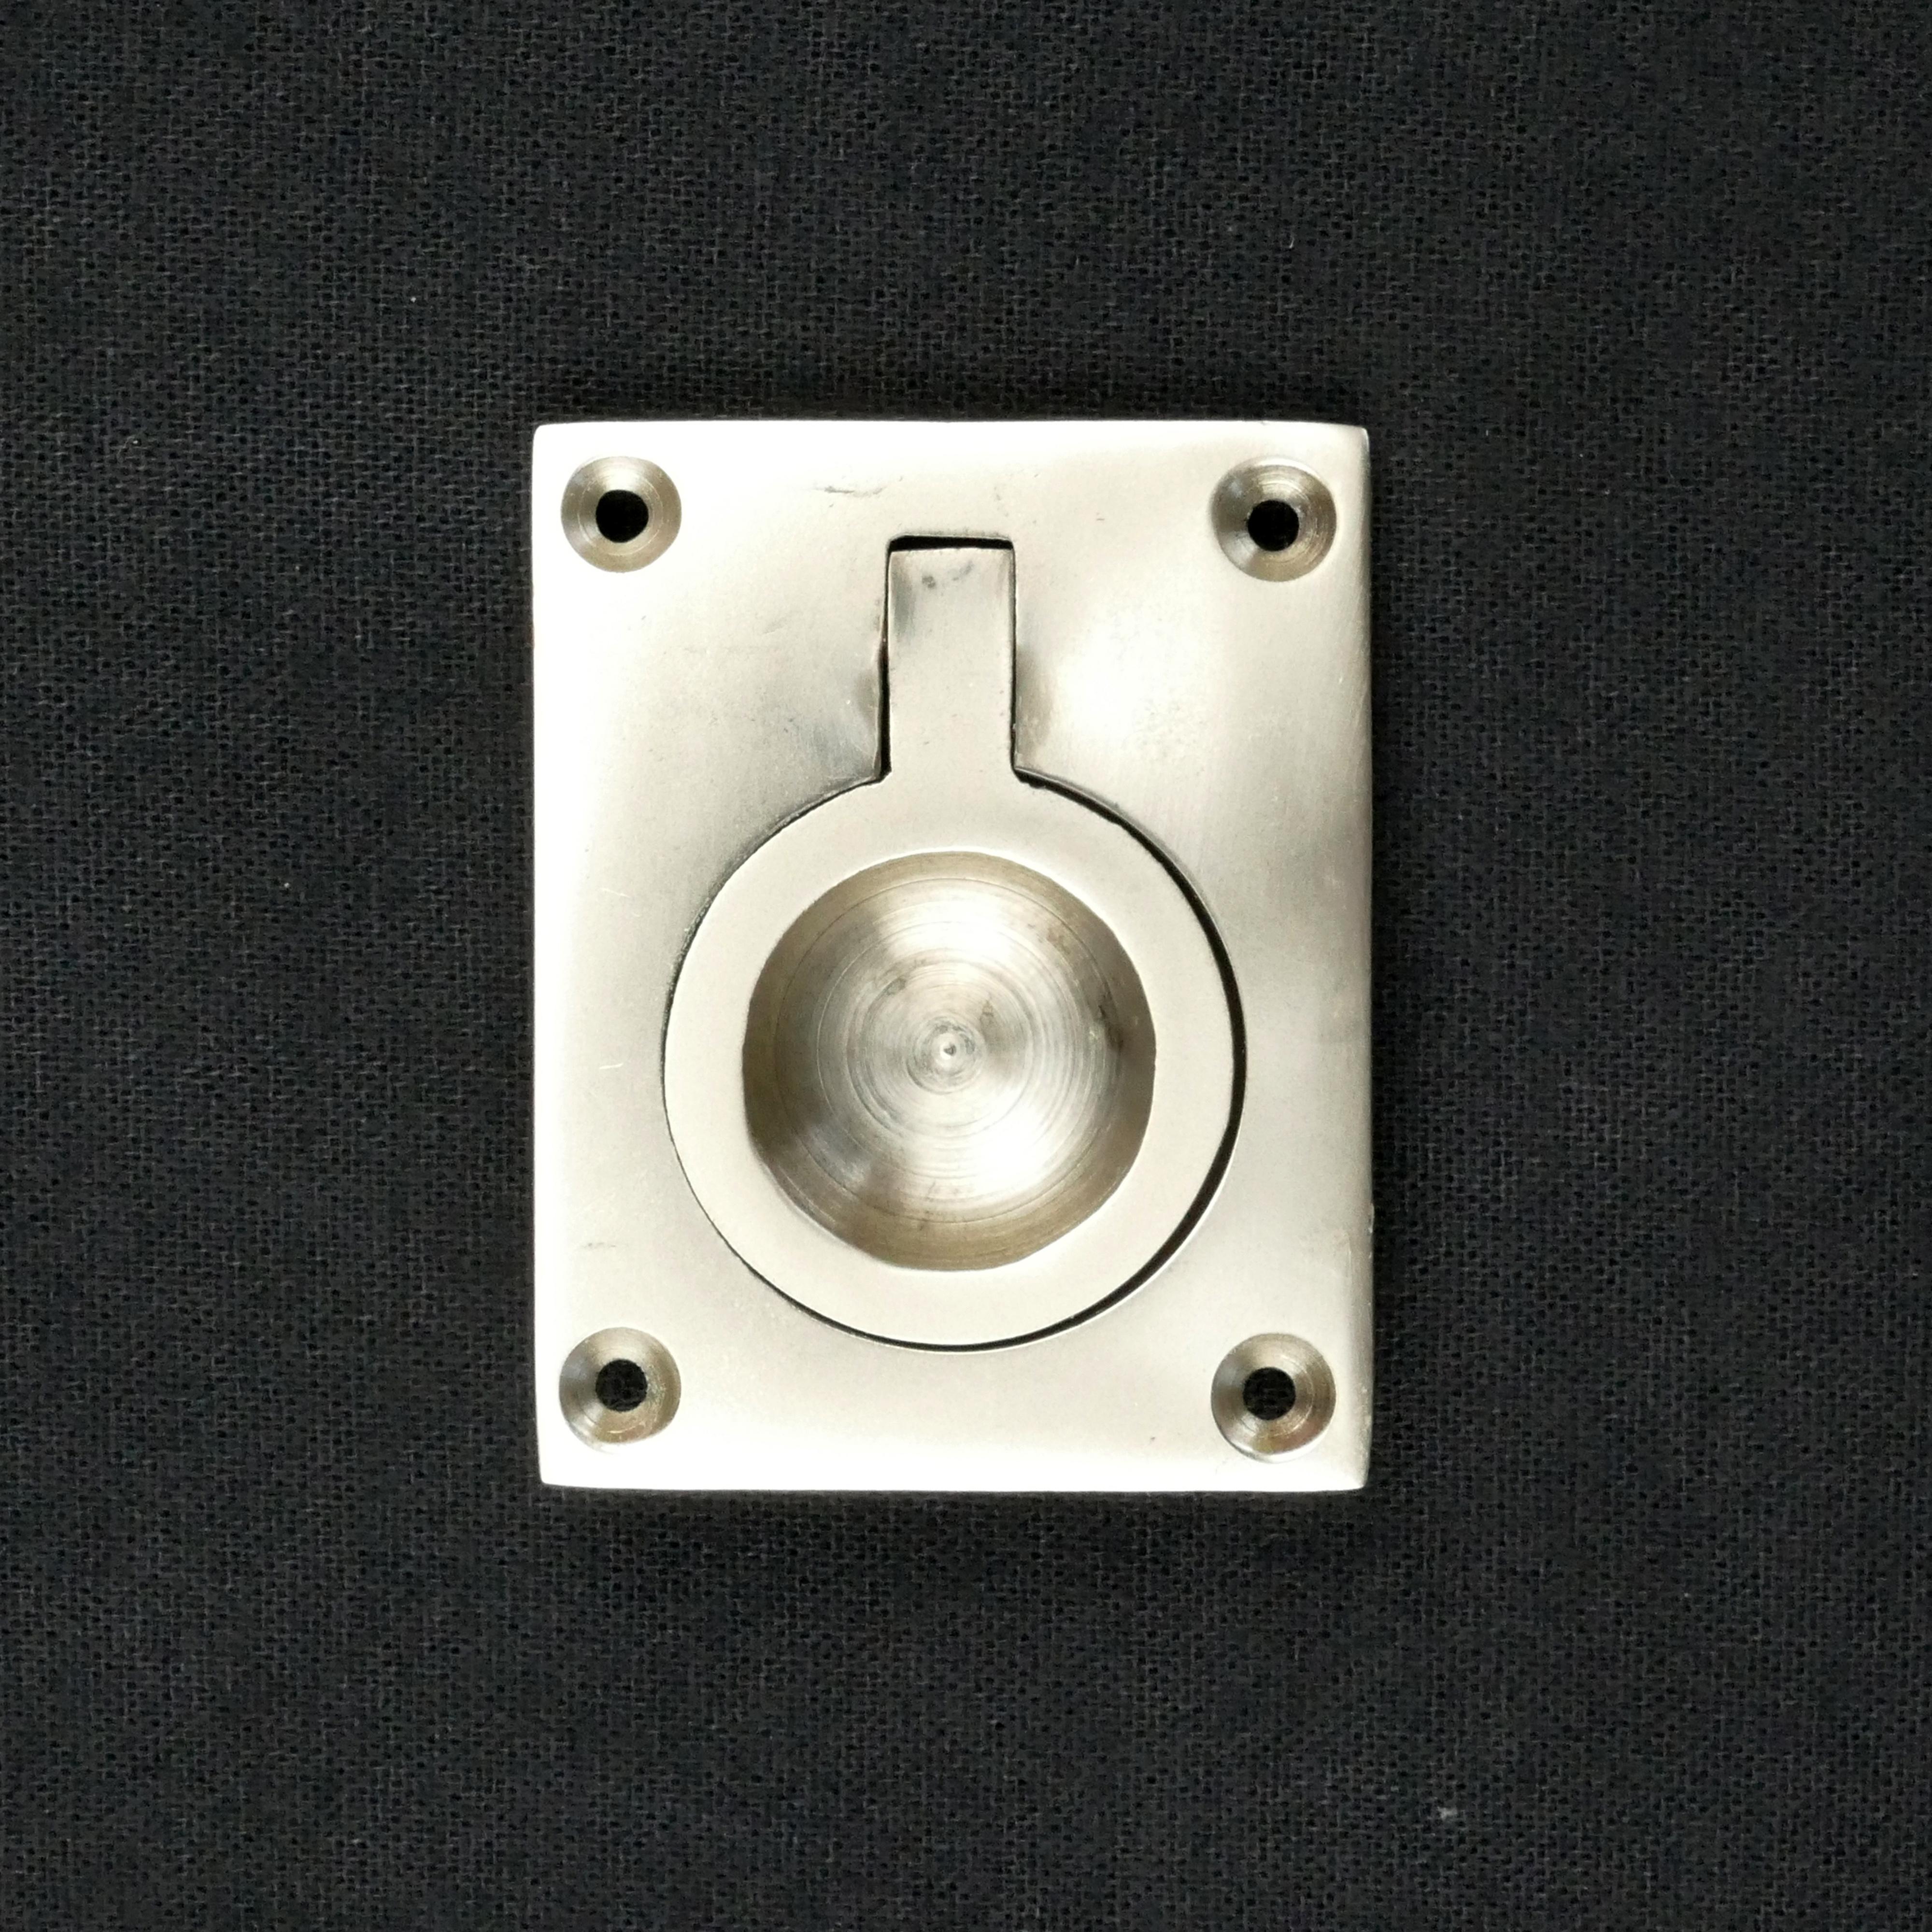 Schiebetür Stirngriff - antike Türmuschel, Schiebemuschel